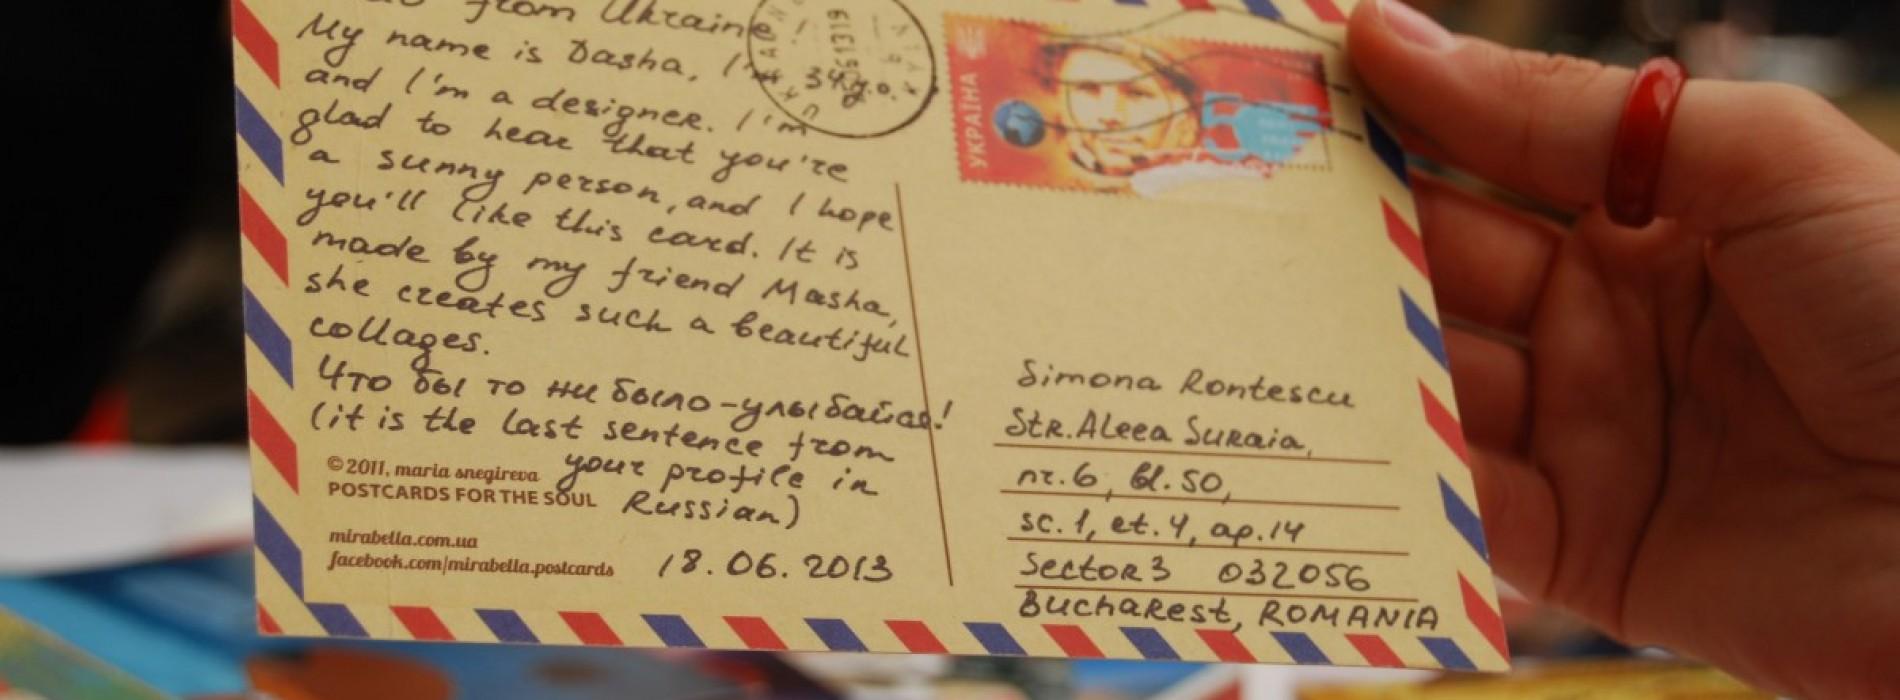 Simona, utilizator de Postcrossing: 400 de vederi trimise și primite în toate colțurile lumii